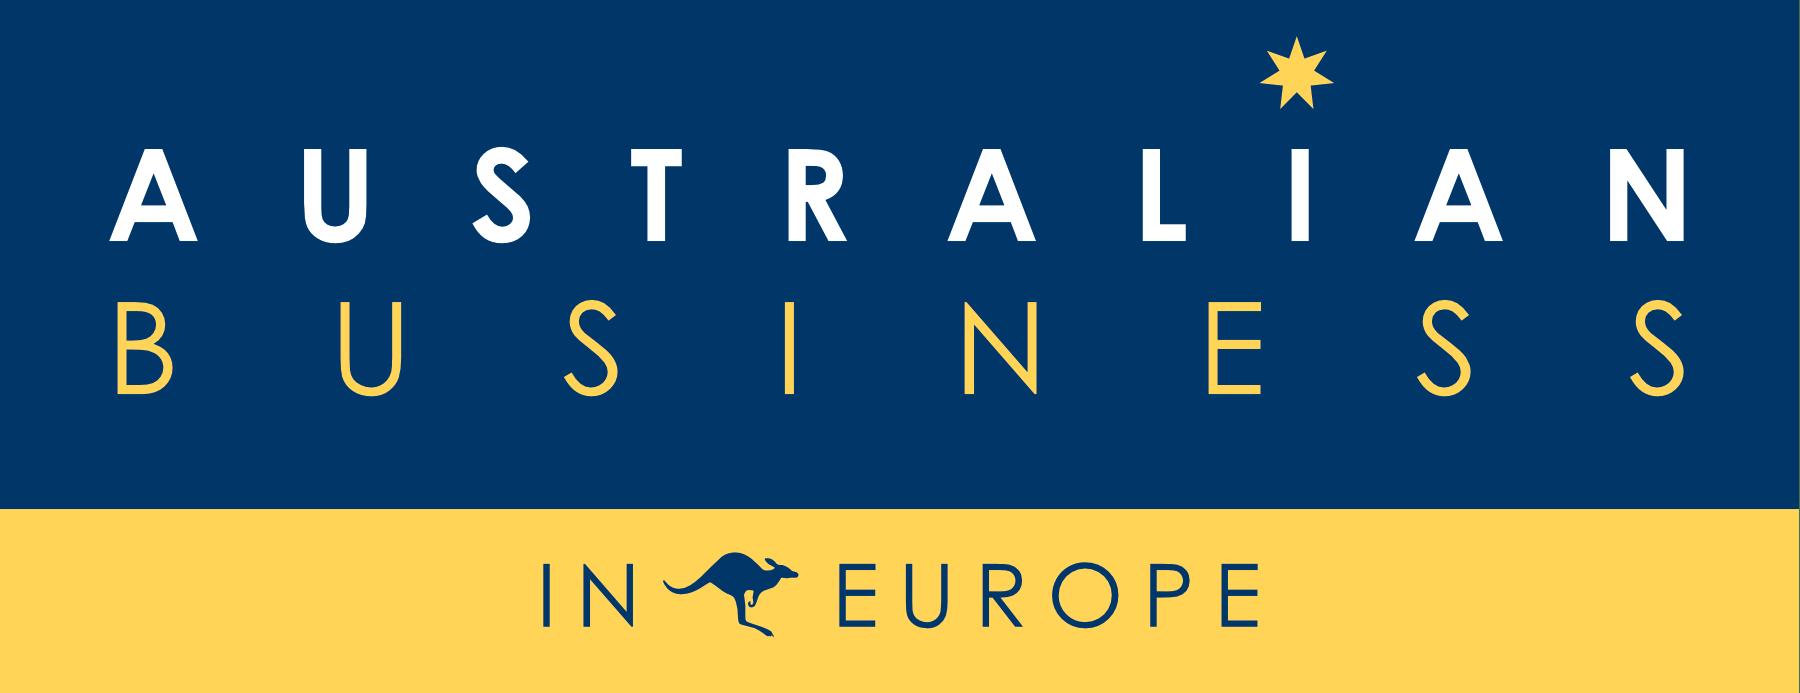 Australian Business in Europe